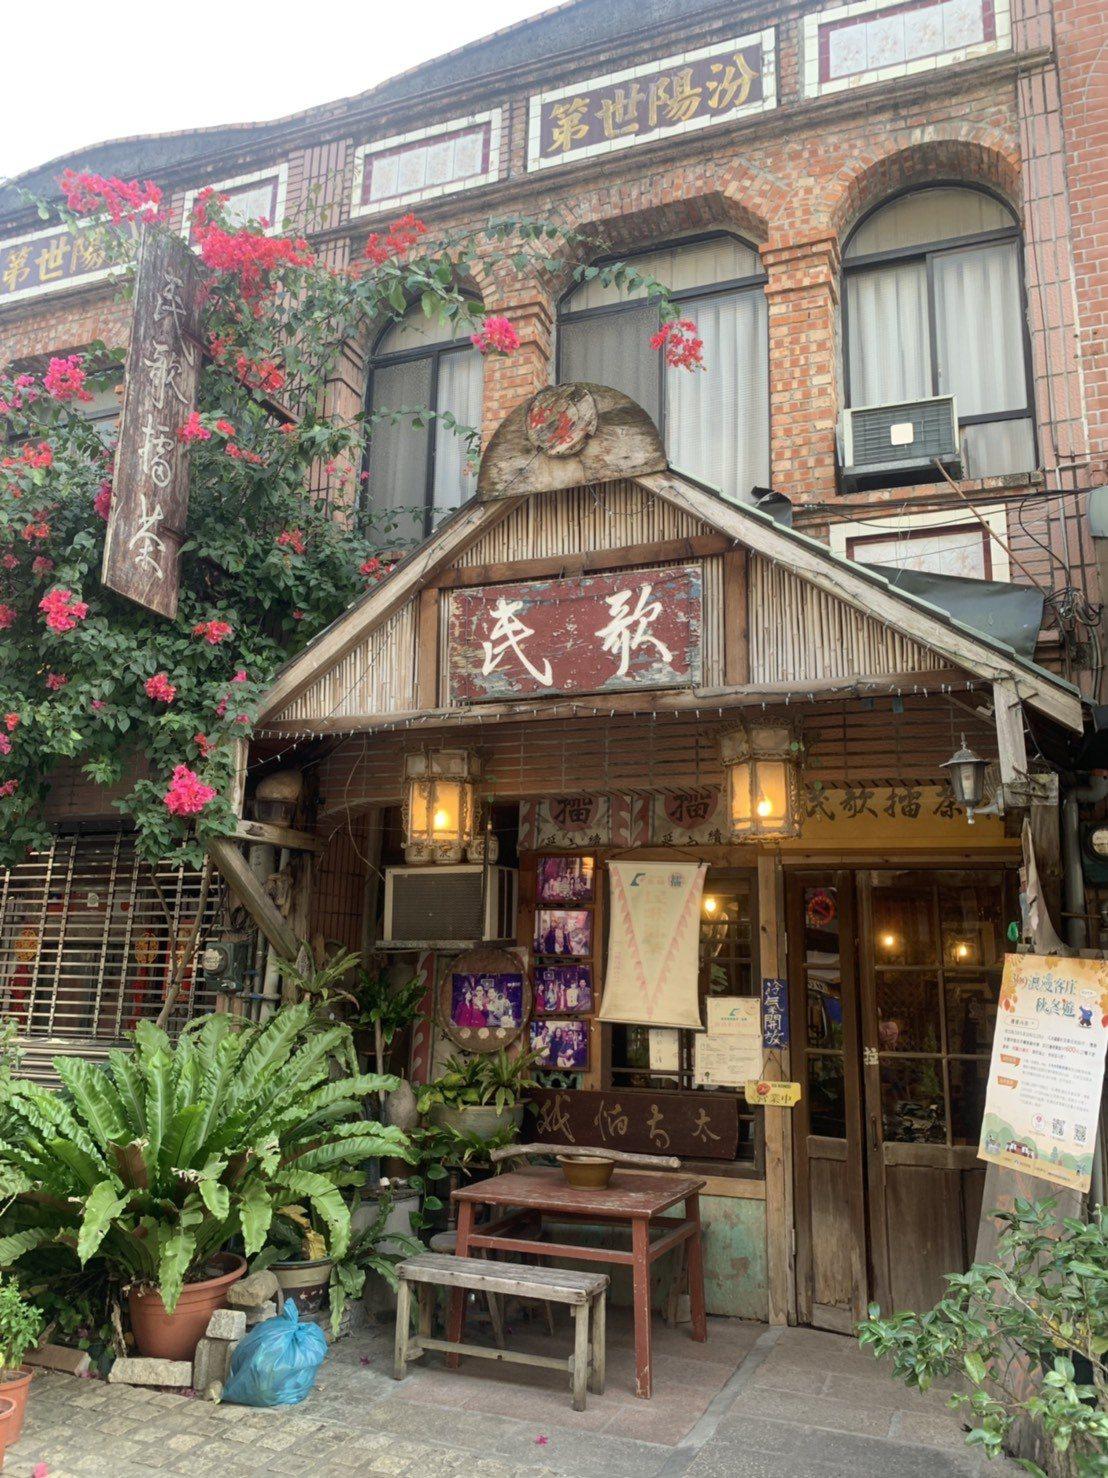 開在百年老宅中的「民歌擂茶」,建築是由紅磚搭建而成,看起來相當復古。 圖/陳斯穎...